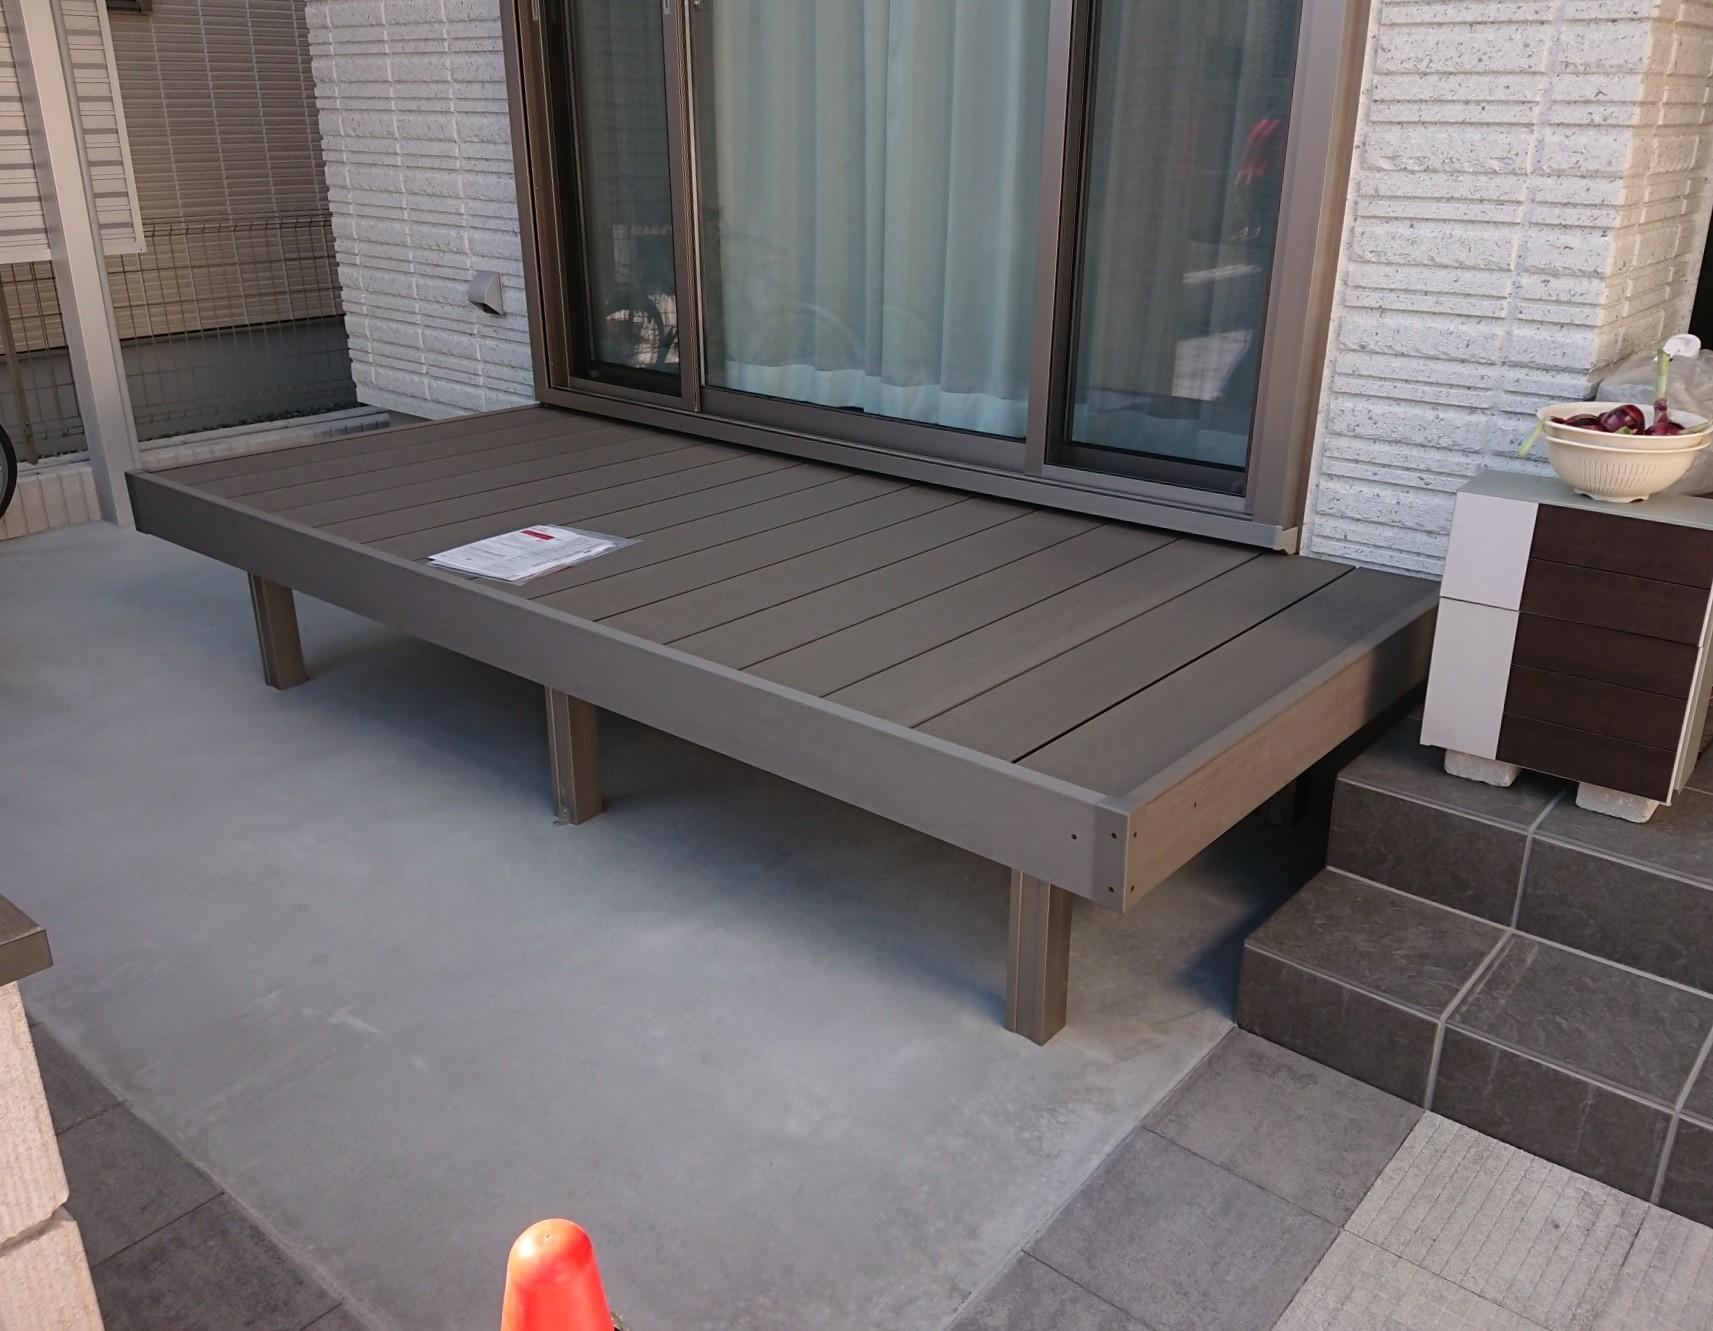 岐阜市の外構工事をゆるーく解説の巻 ver.3.0_e0361655_15004070.jpg